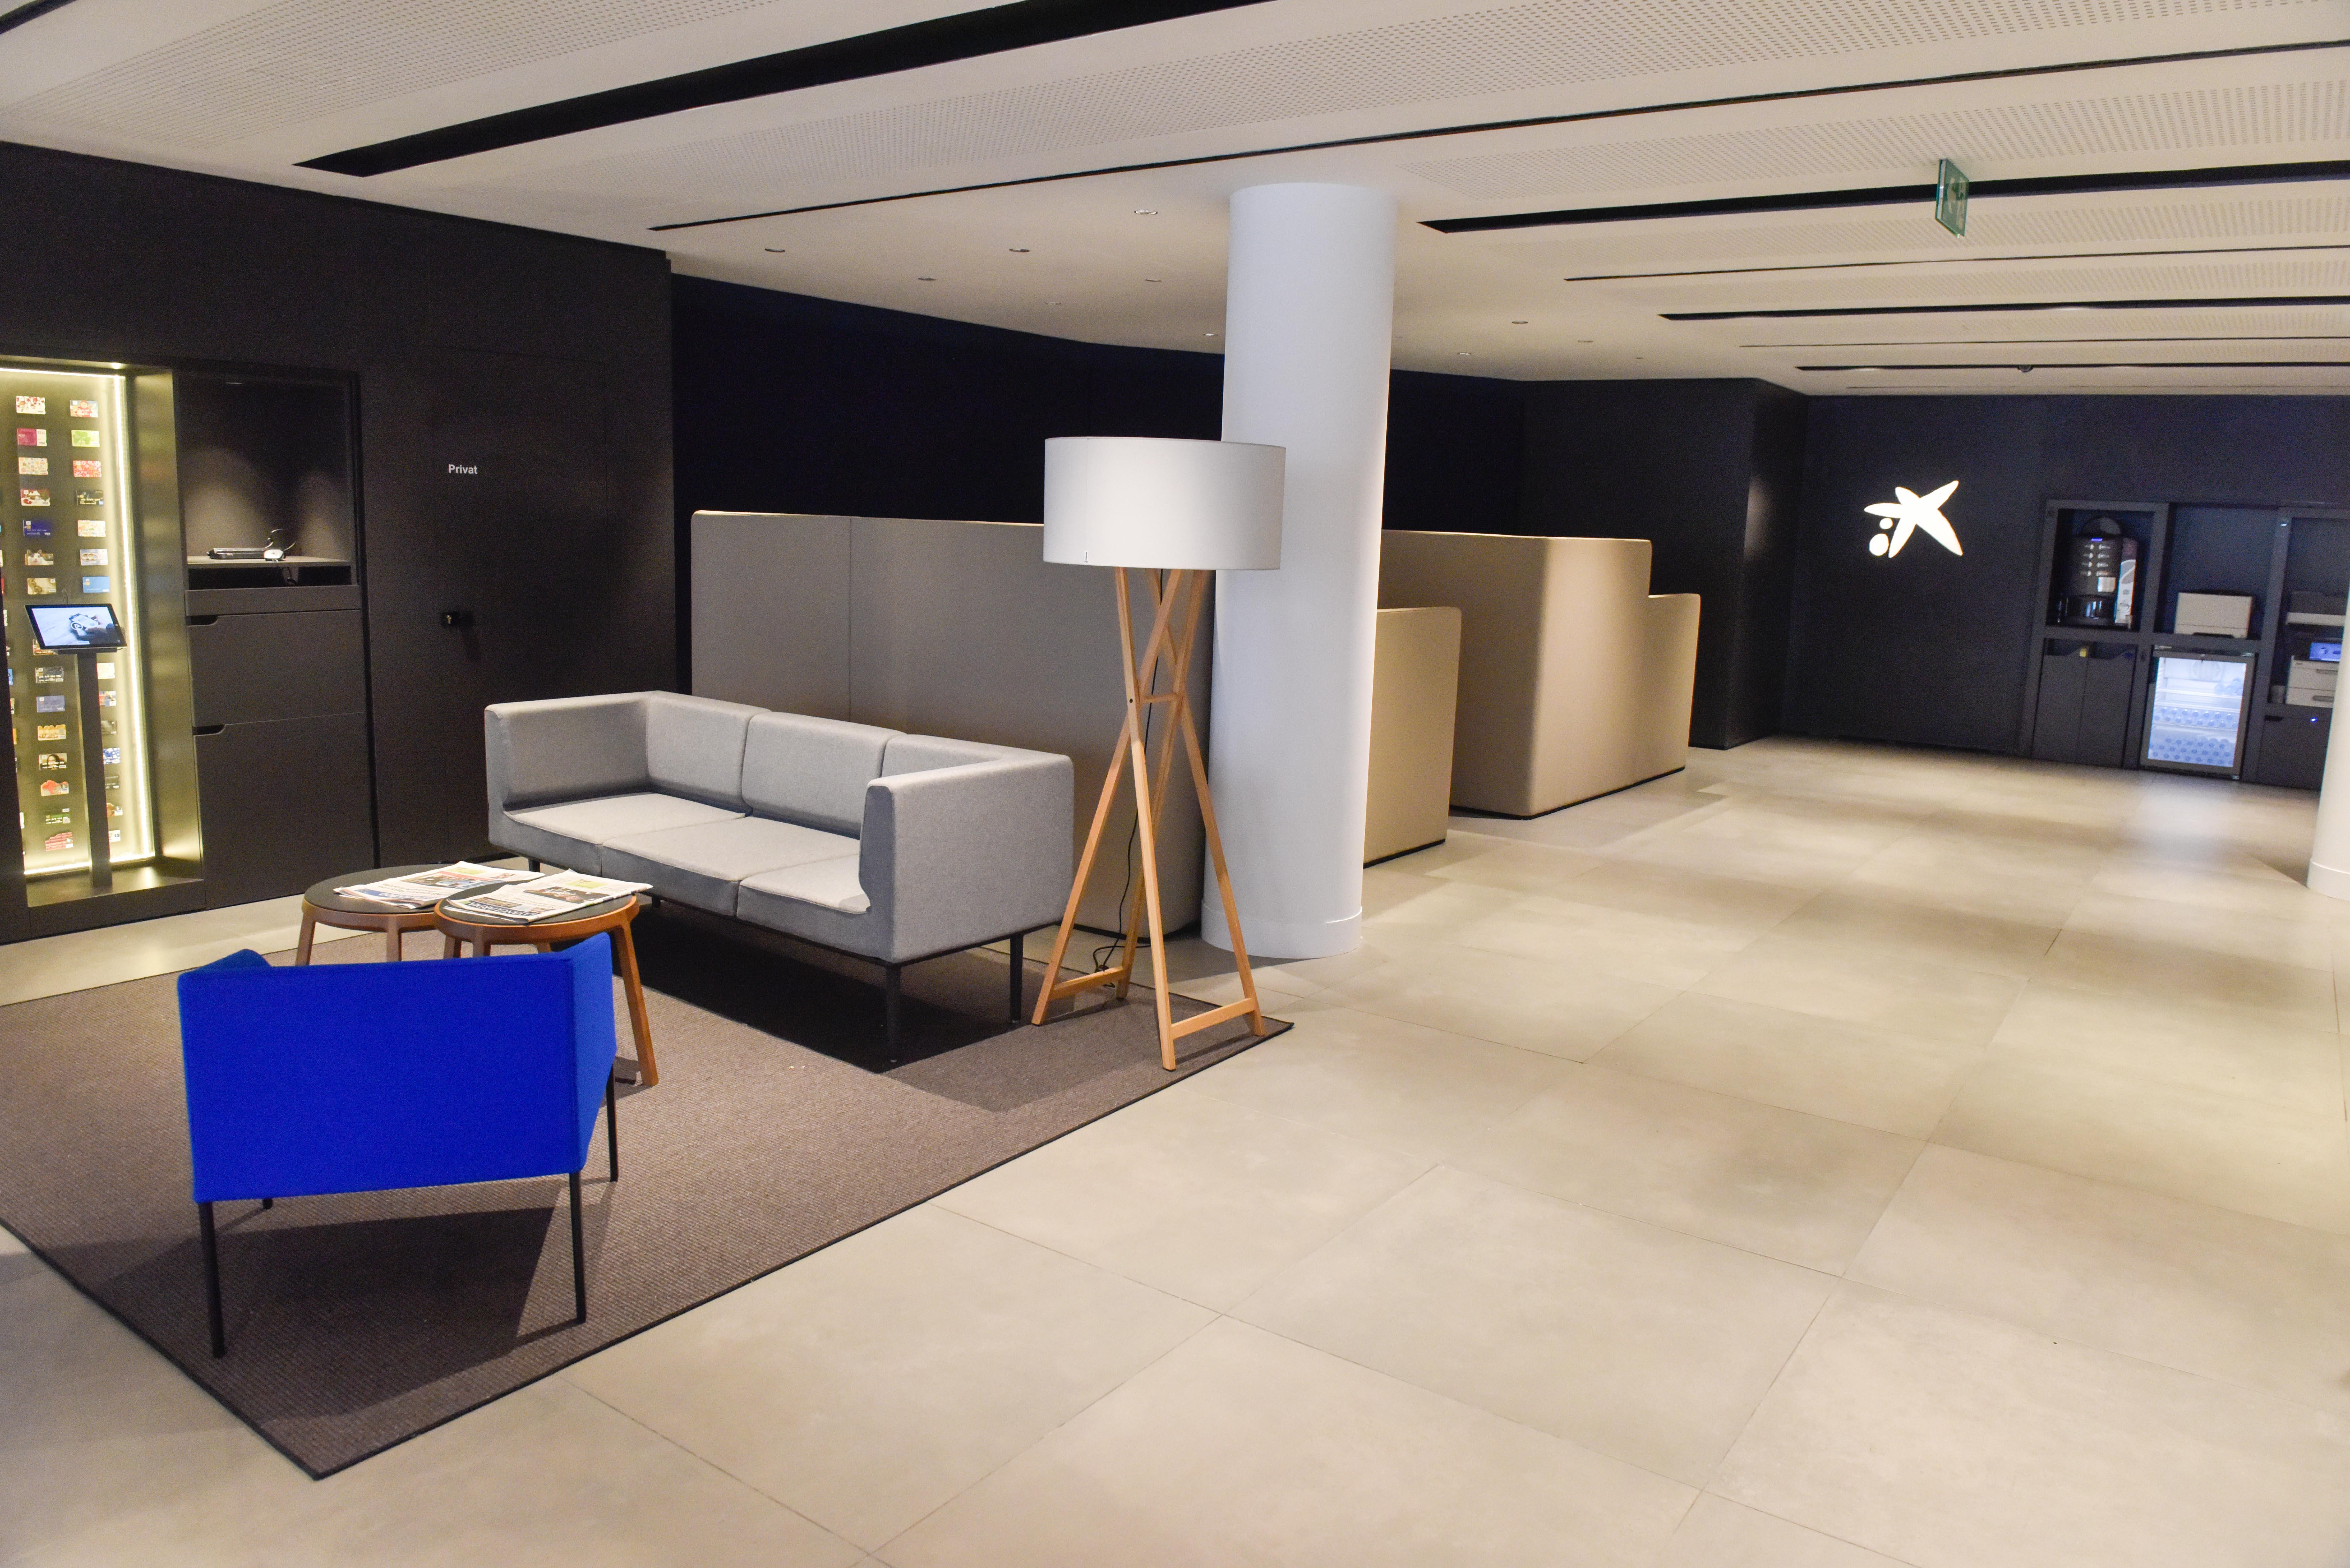 Caixabank abre en martorell una oficina de su nuevo modelo for La caixa oficina internet